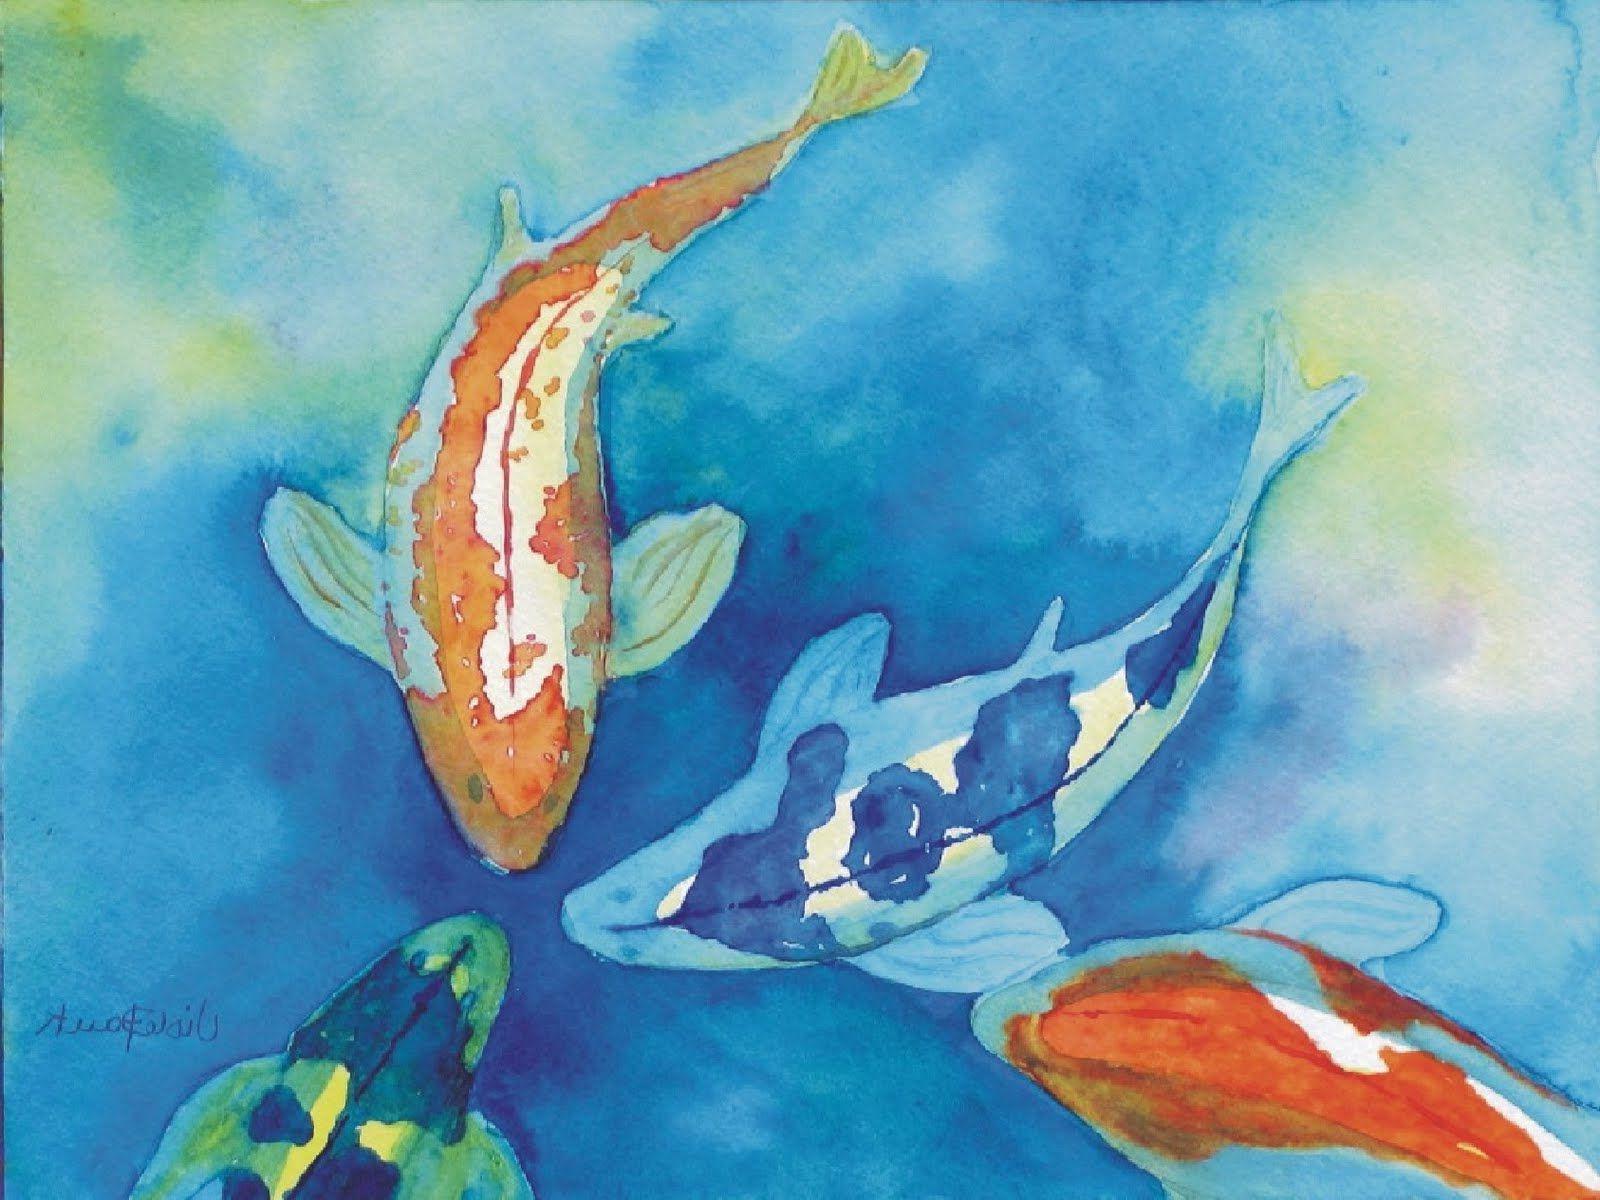 1600x1200 Painting Of Koi Fish Watercolor Paintings Of Fish Koi Fish